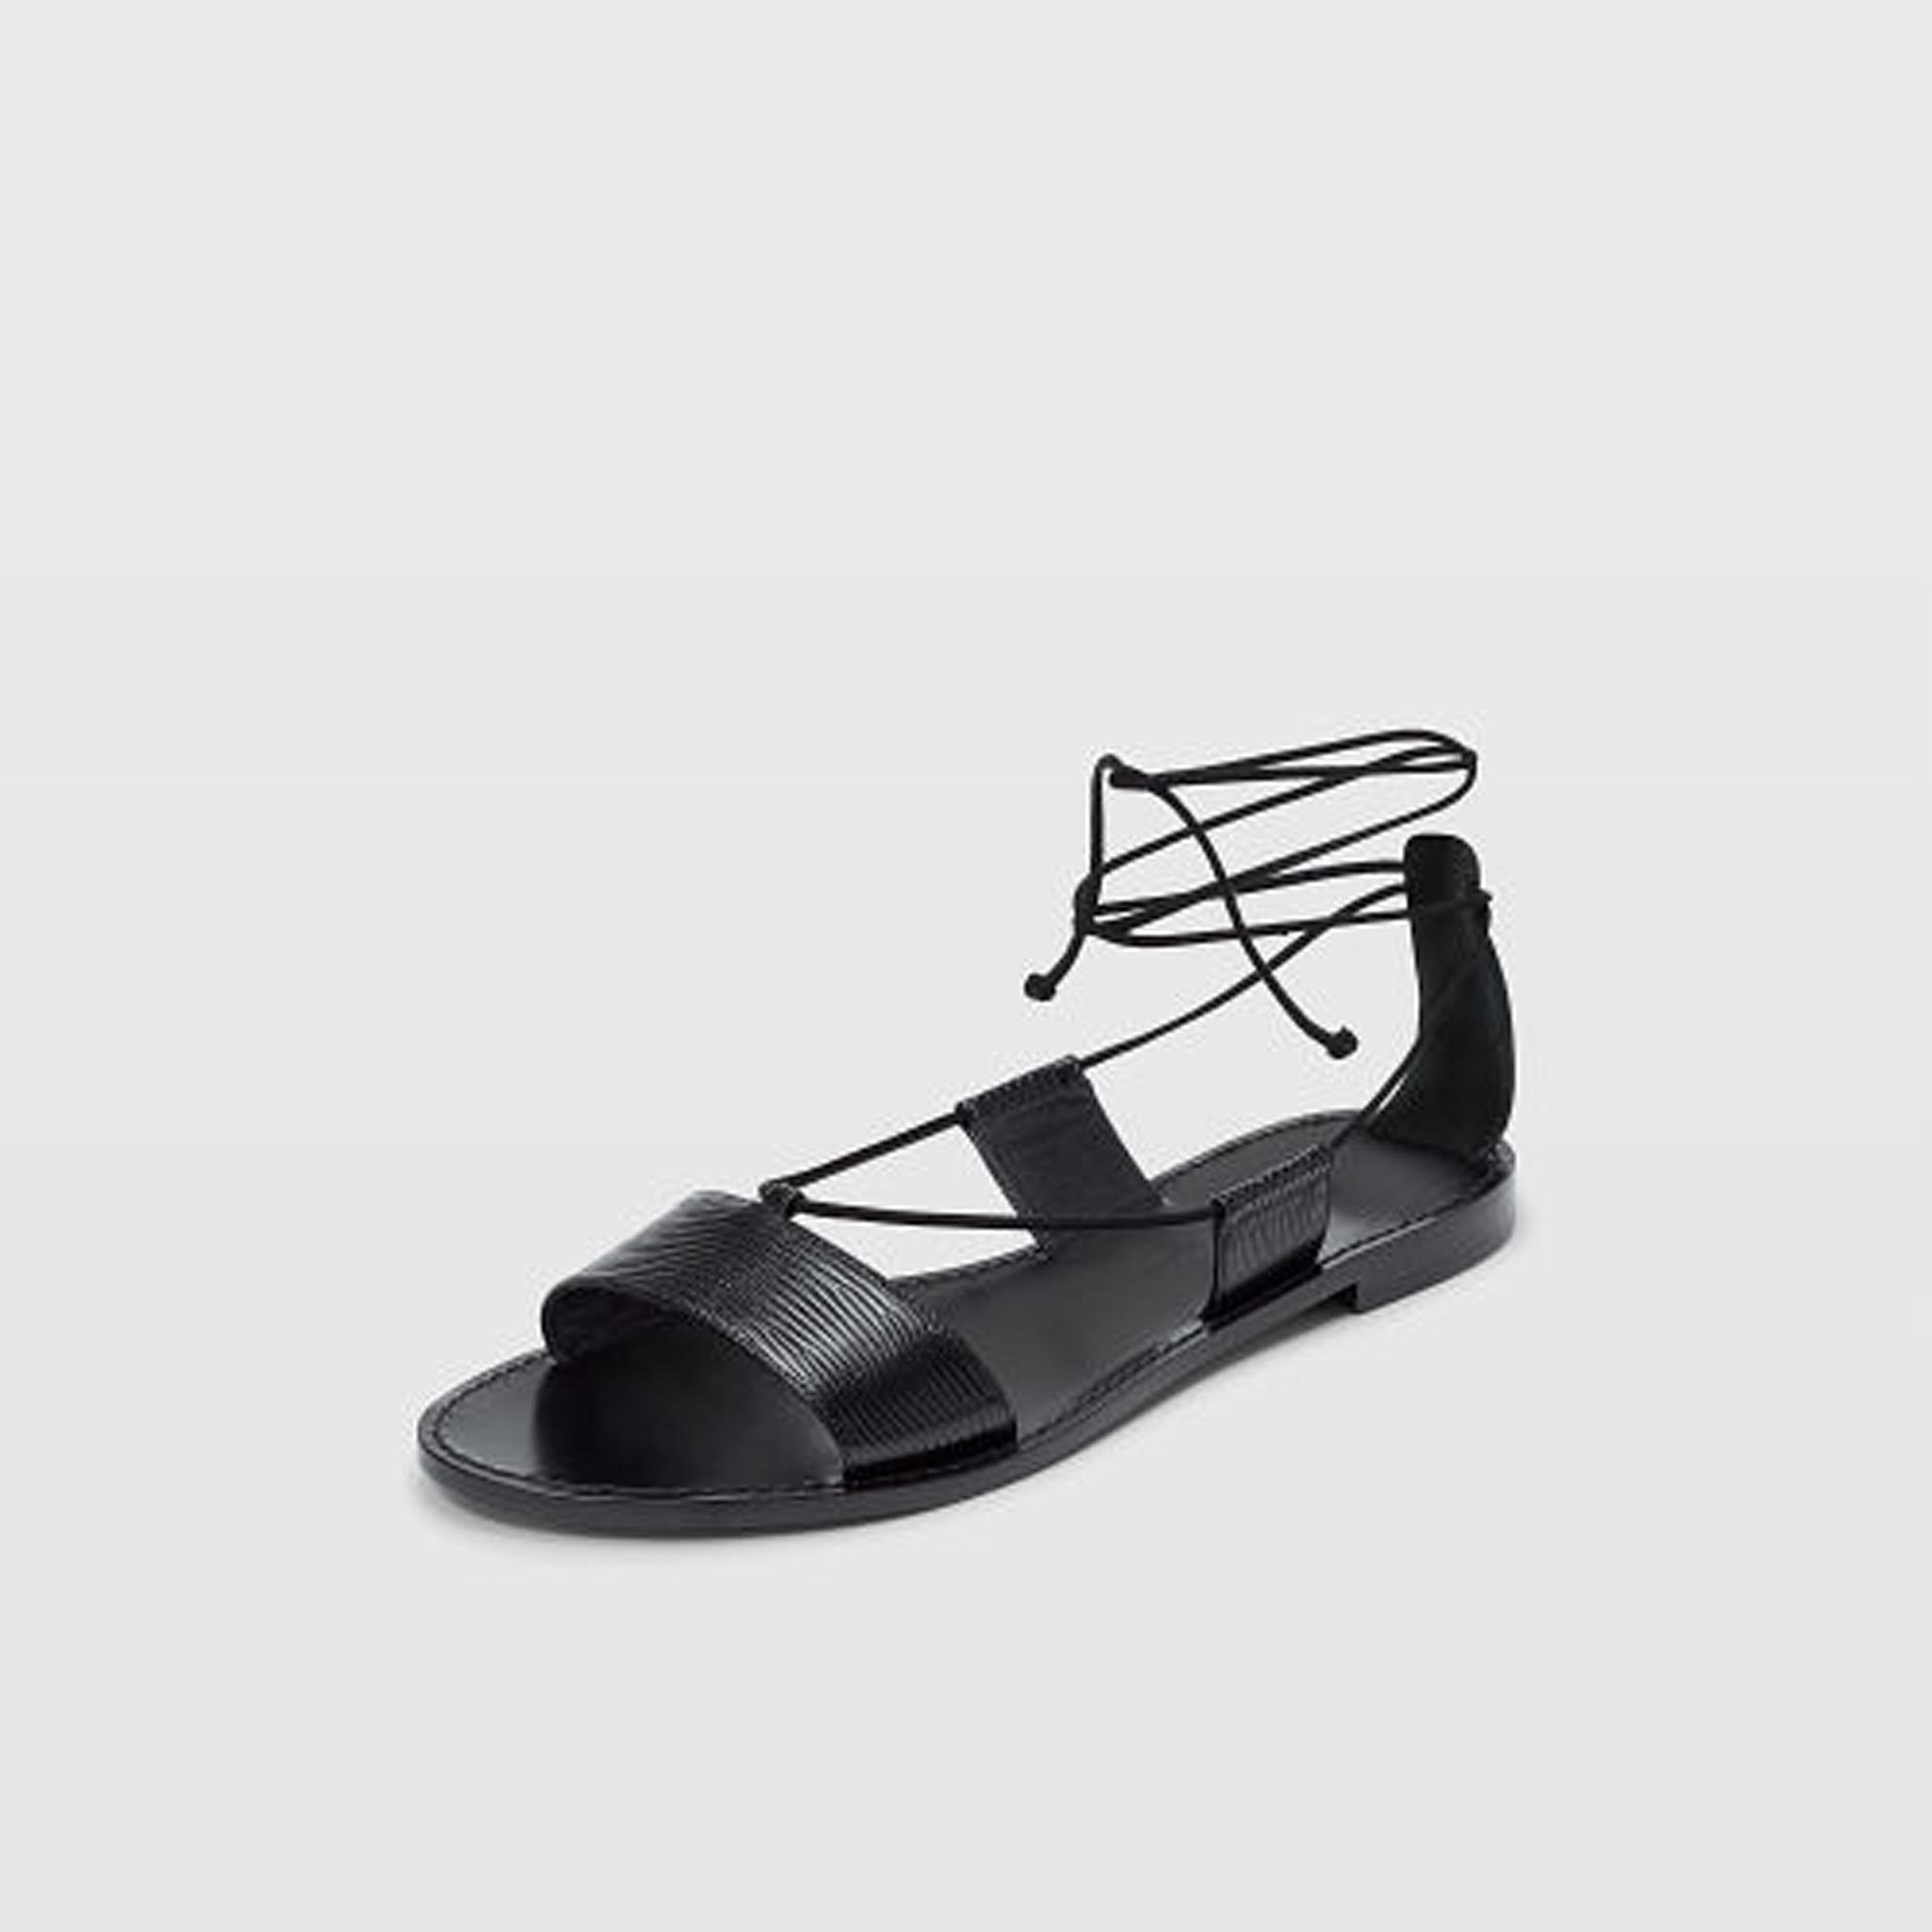 Cahdell Sandal   HK$3,490